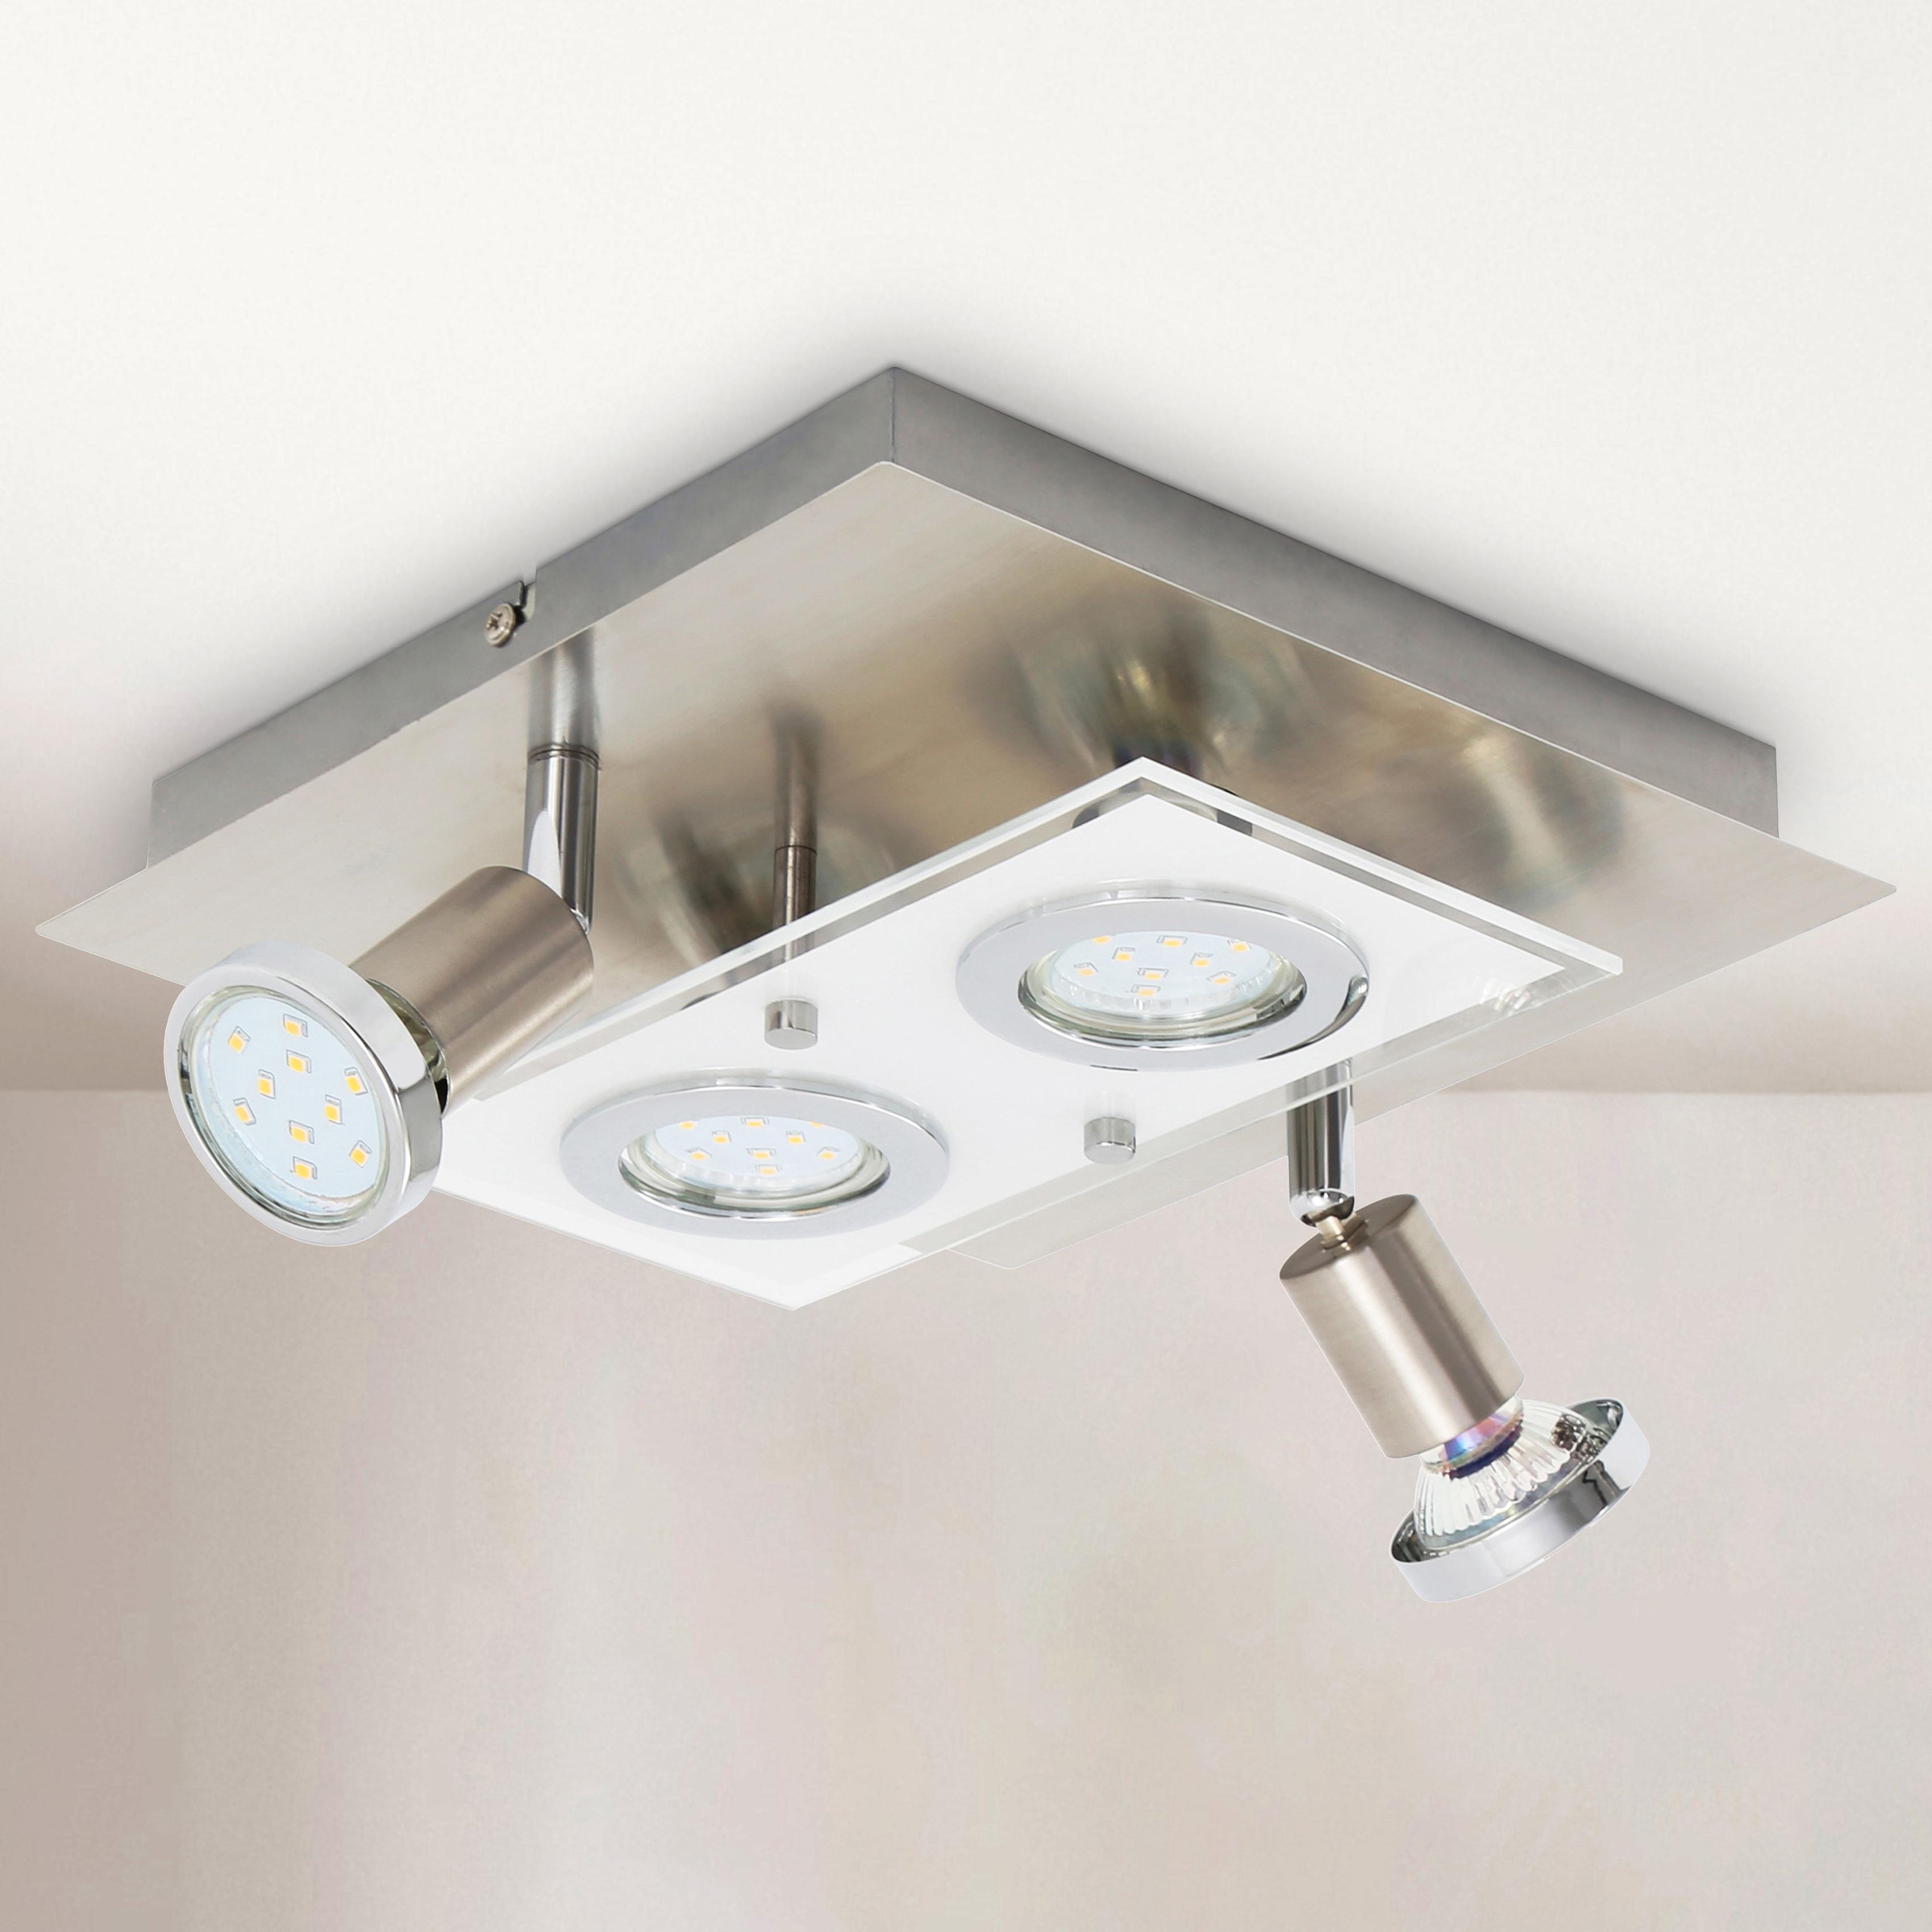 B.K.Licht LED Deckenleuchte Mercurio, GU10, Warmweiß, LED Deckenspot Decken-Strahler Flur Wohnzimmer Deckenlampe inkl. 3W 250lm